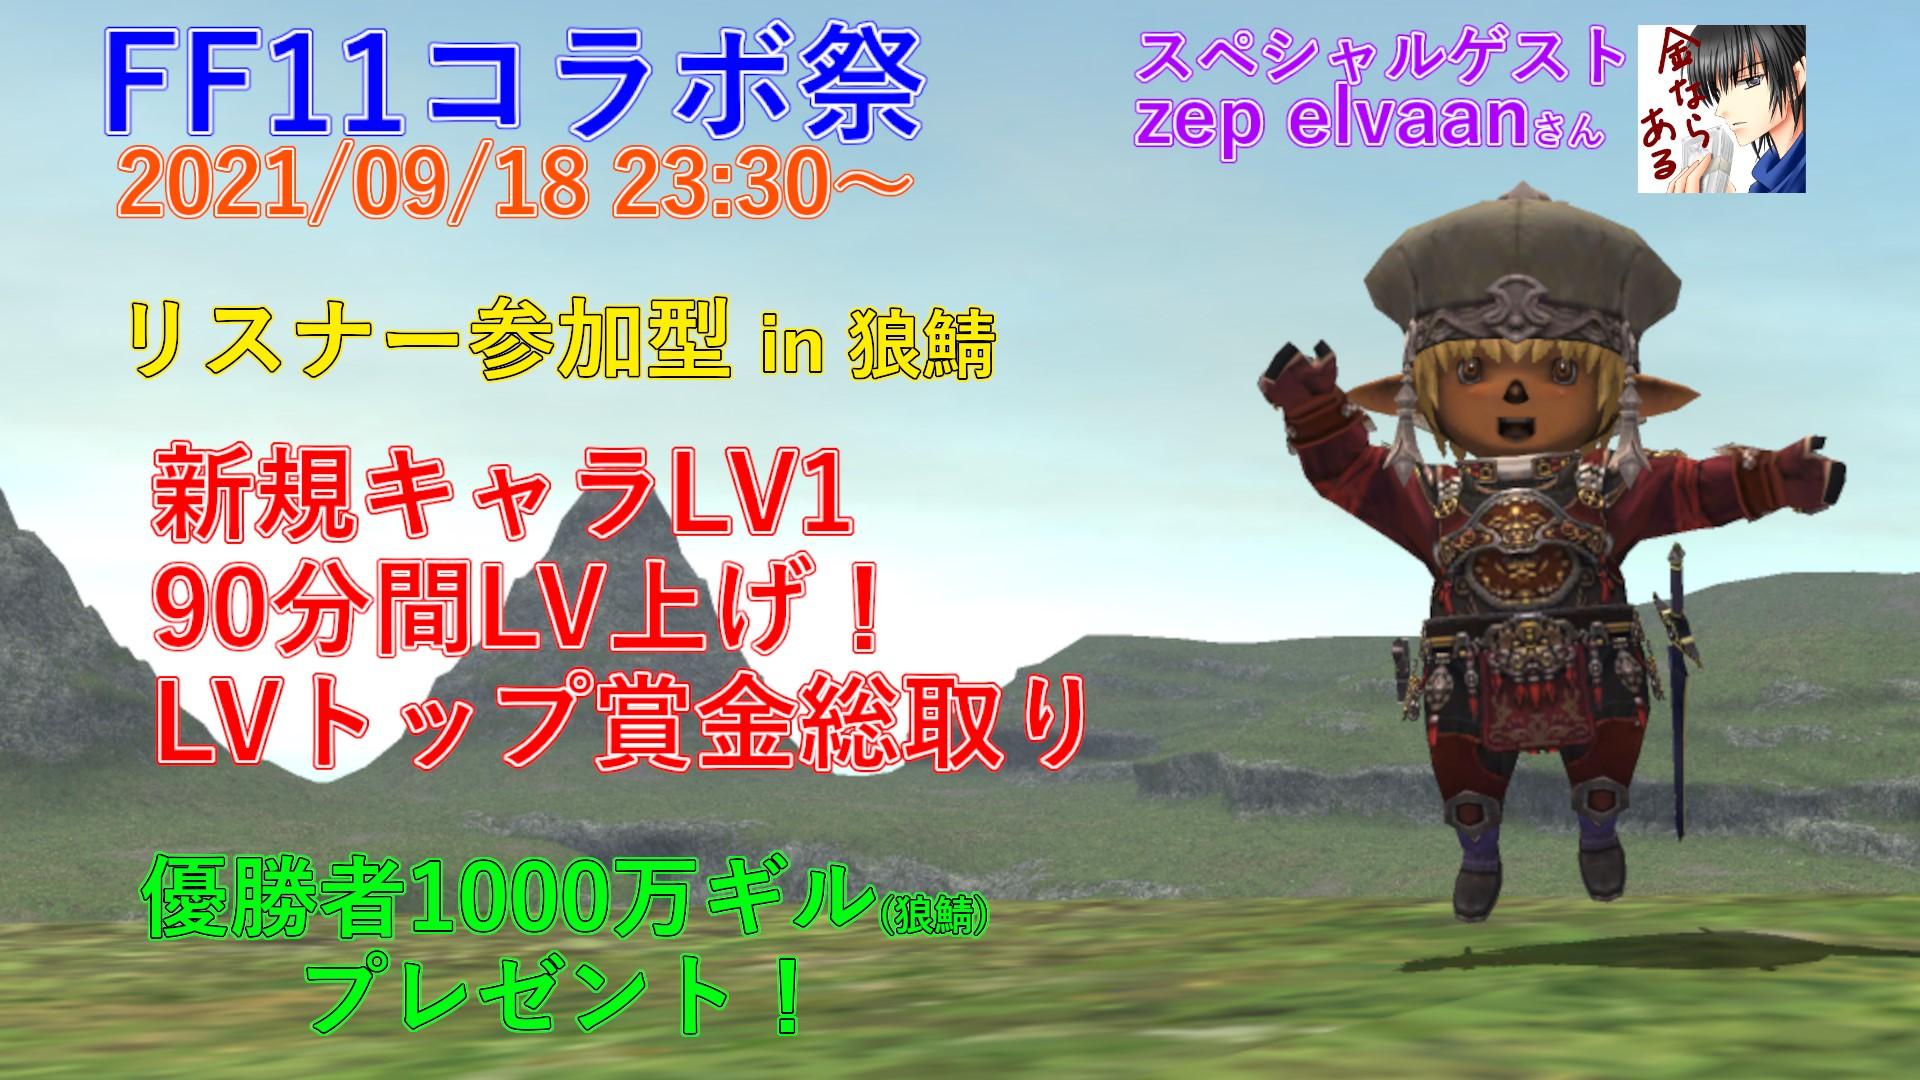 ff11zakki361.jpg